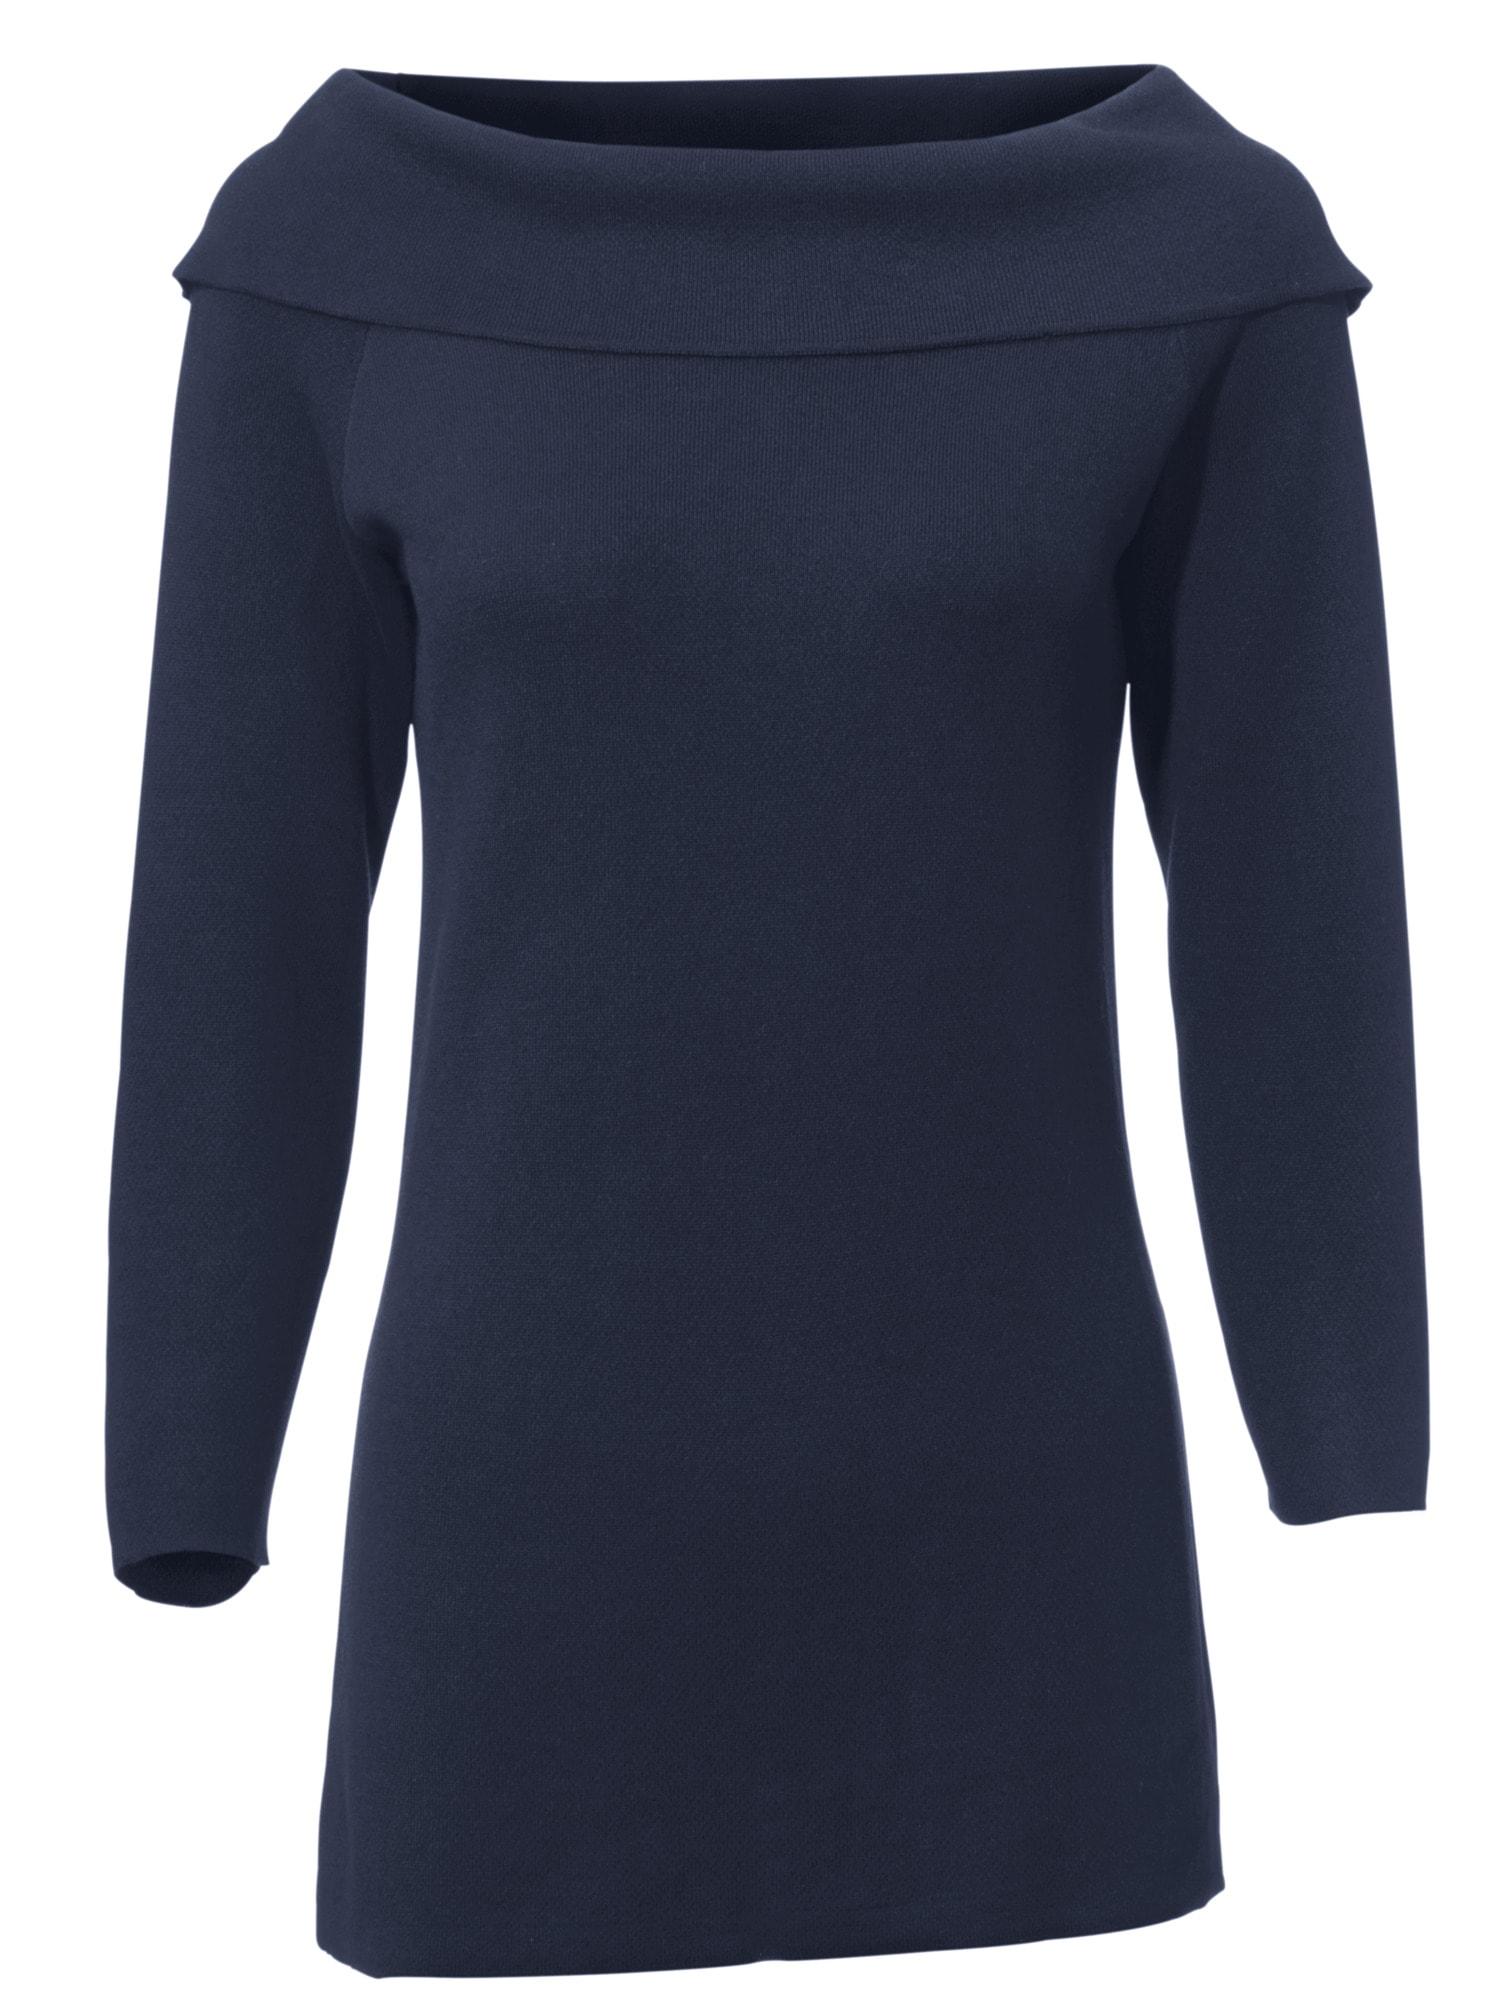 heine TIMELESS Carmenpullover Viskose | Bekleidung > Pullover > Carmenpullover | Blau | Ca - Polyamid | Heine Timeless